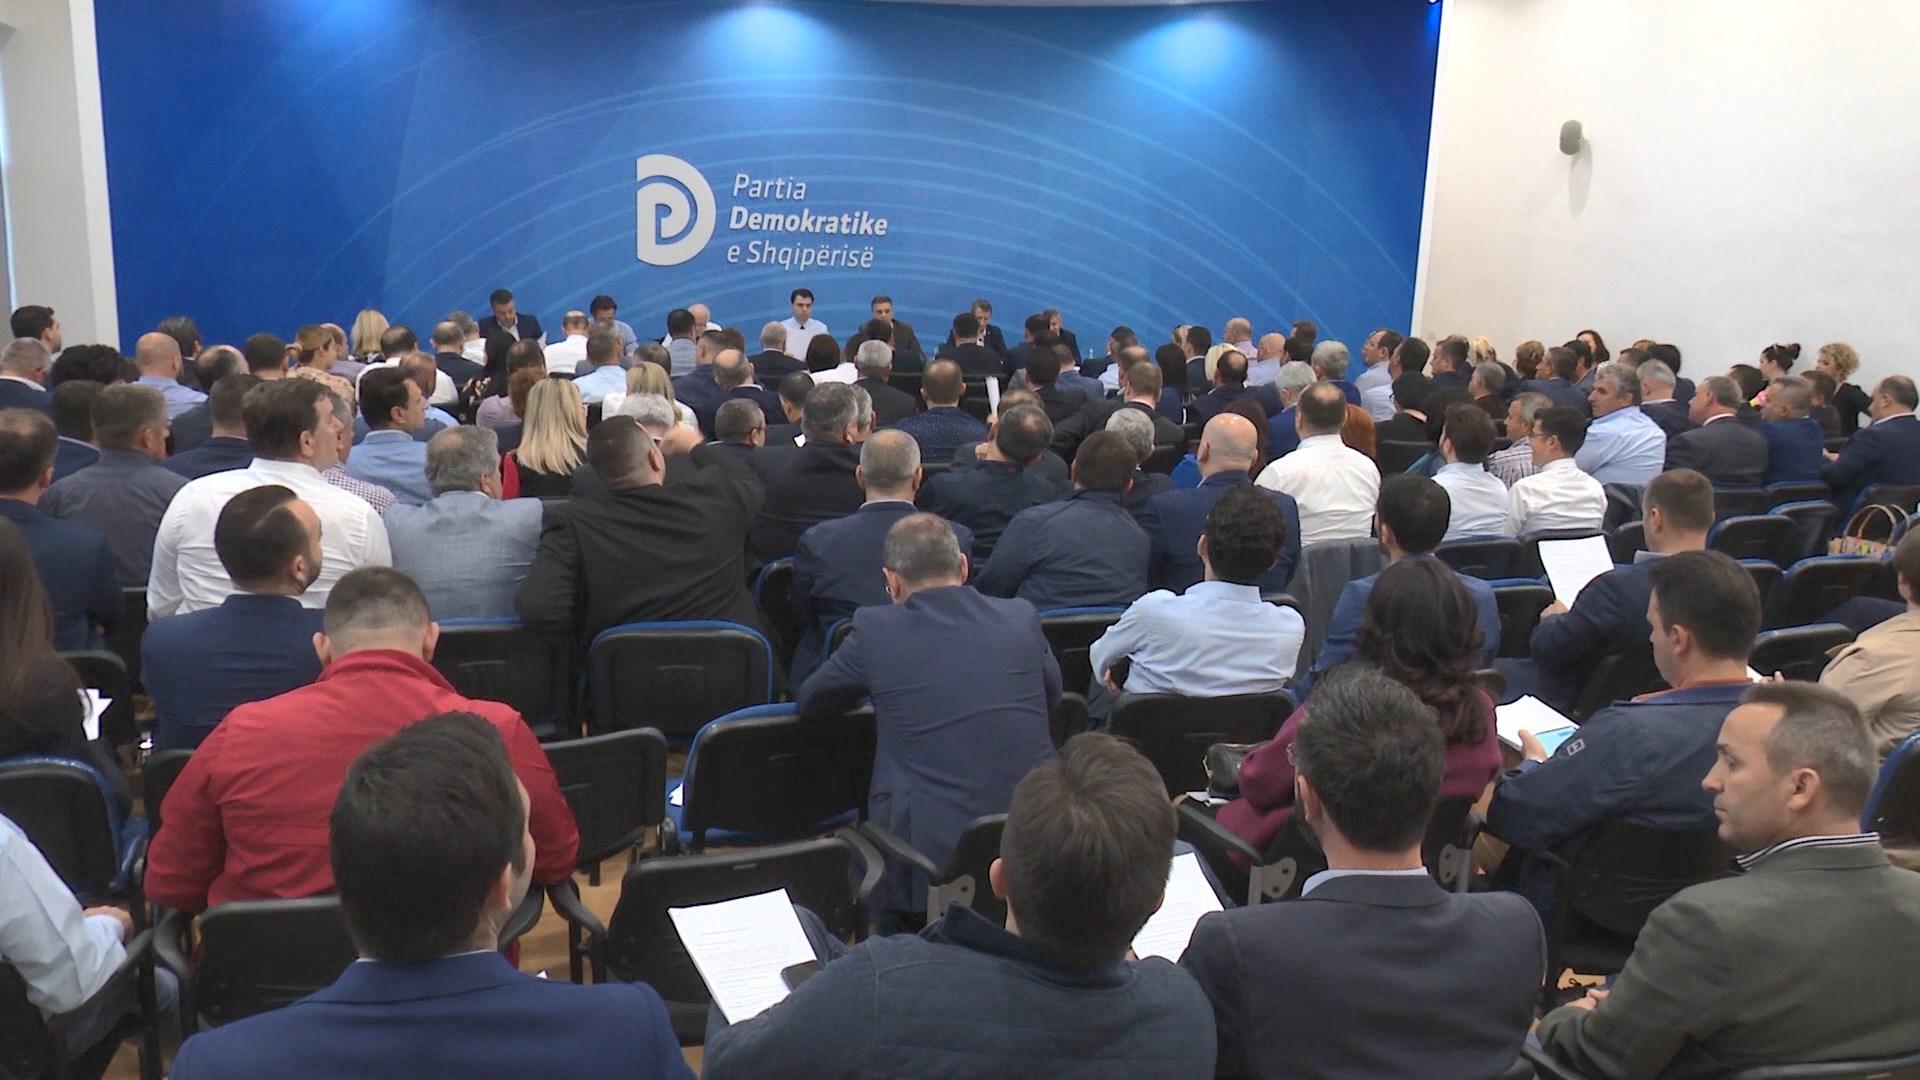 Këshilli Kombëtar i Partisë Demokratike miraton draft-statutin e ri